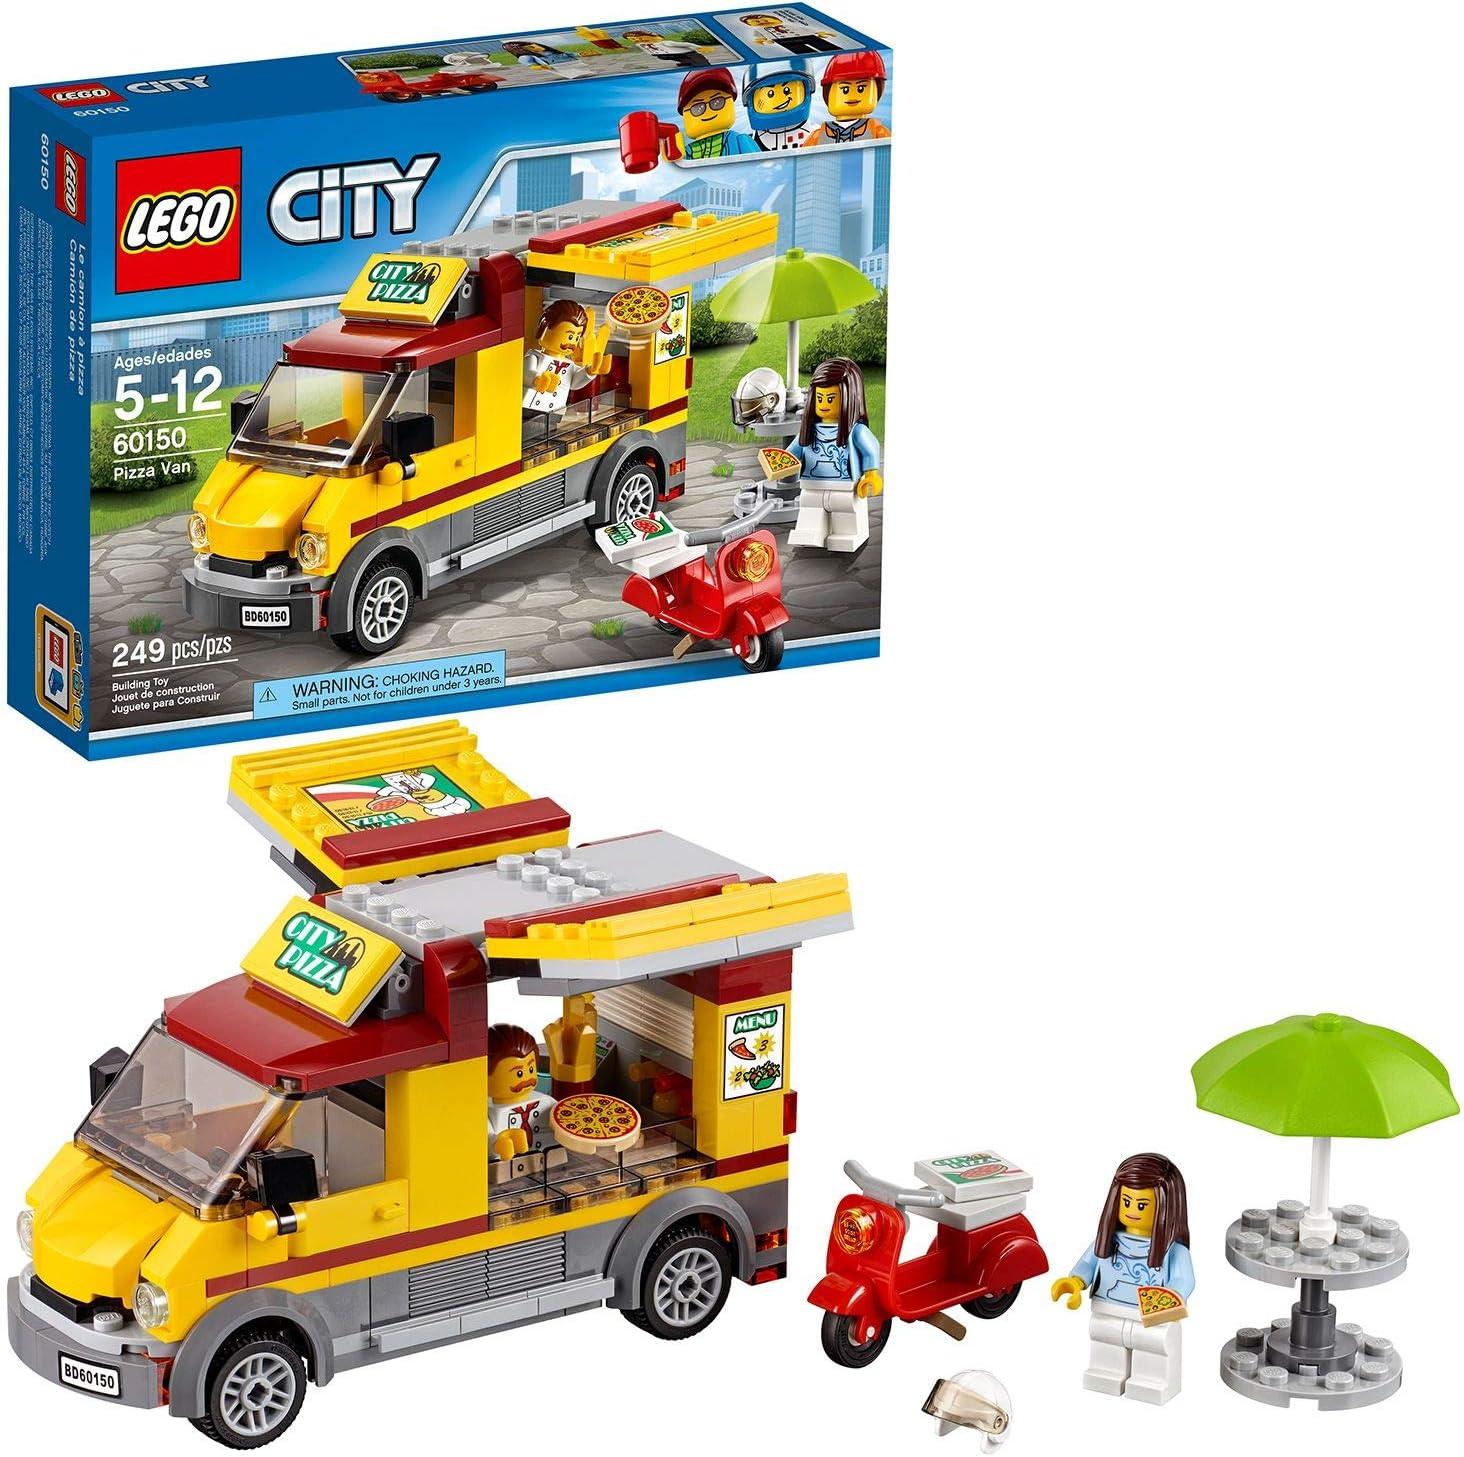 LEGO City Great Vehicles - Camión de Pizza, Set de Construcción de Foodtruck de Juguete, Incluye Moto Scooter de Reparto y 2 Minifiguras (60150)